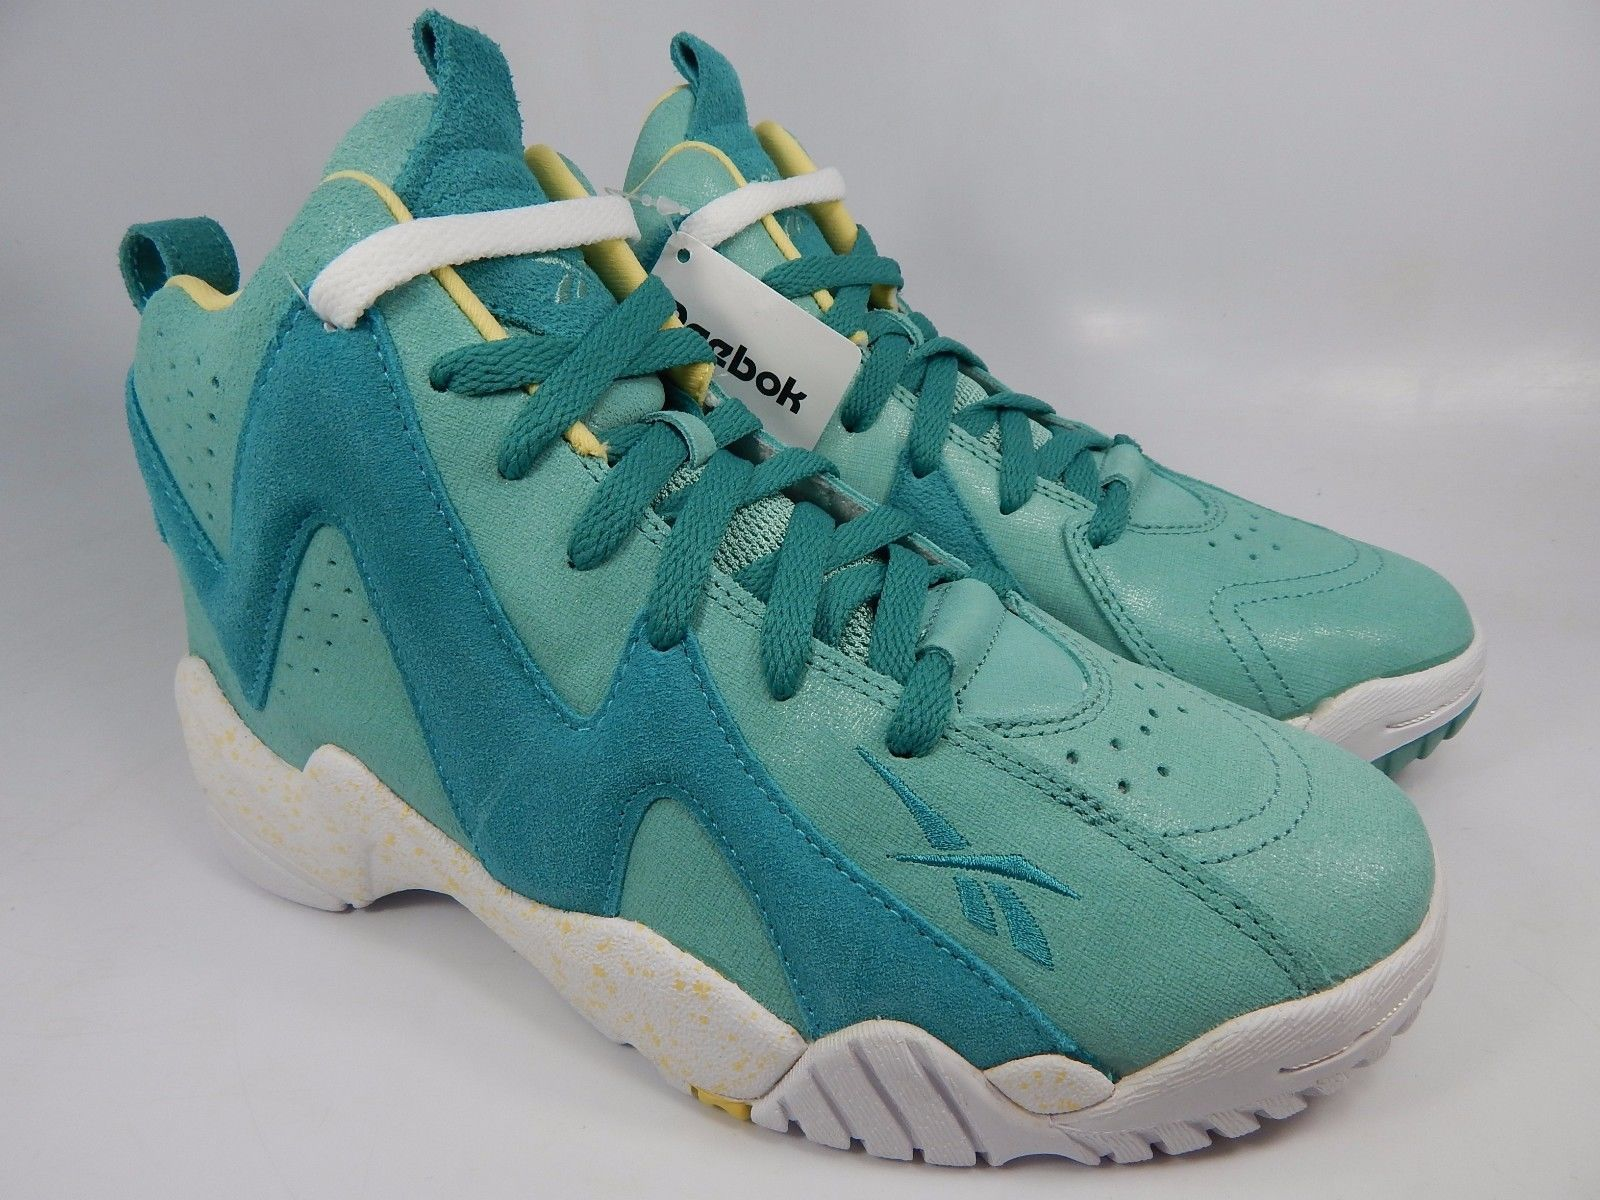 Reebok Kamikaze II Mid Girl's Basketball Shoe Sneakers US 6.5 Y EU 38.5 M43143